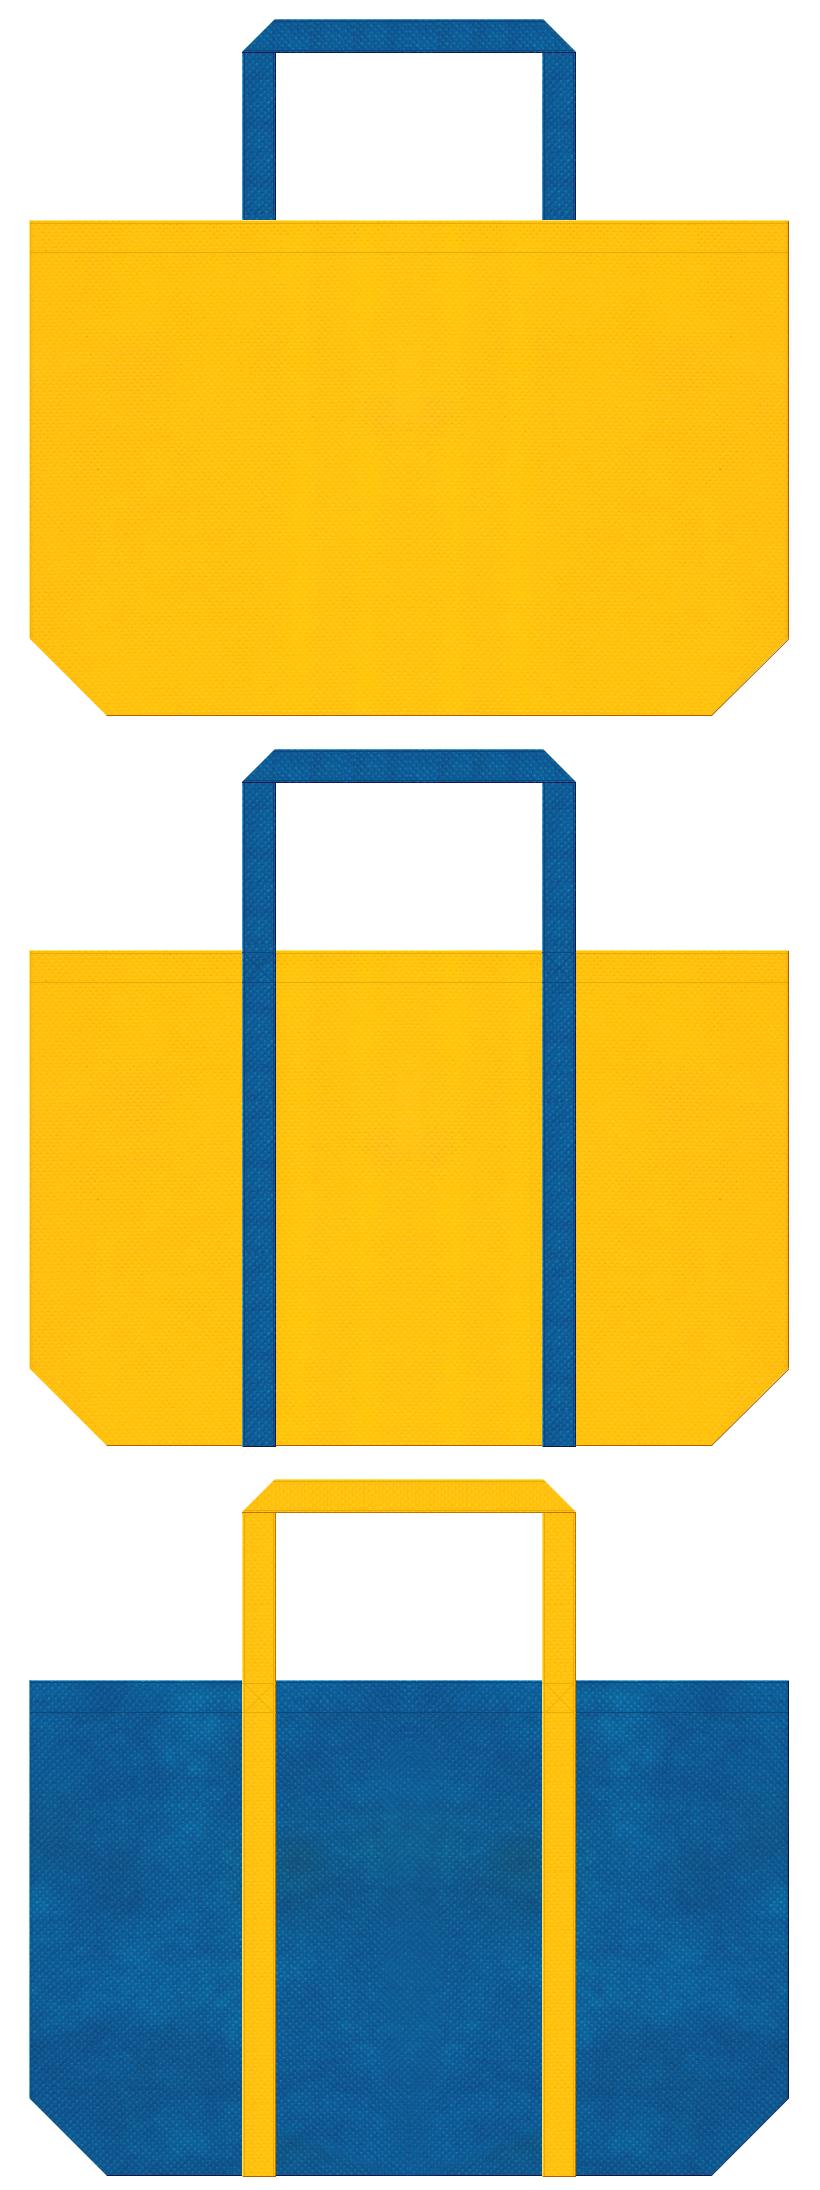 ゲーム・テーマパーク・ロボット・ラジコン・パズル・おもちゃ・こいのぼり・こどもの日・交通安全・レッスンバッグ・通園バッグ・キッズイベント・絵本・おとぎ話・図書館のノベルティにお奨めの不織布バッグデザイン:黄色と青色のコーデ